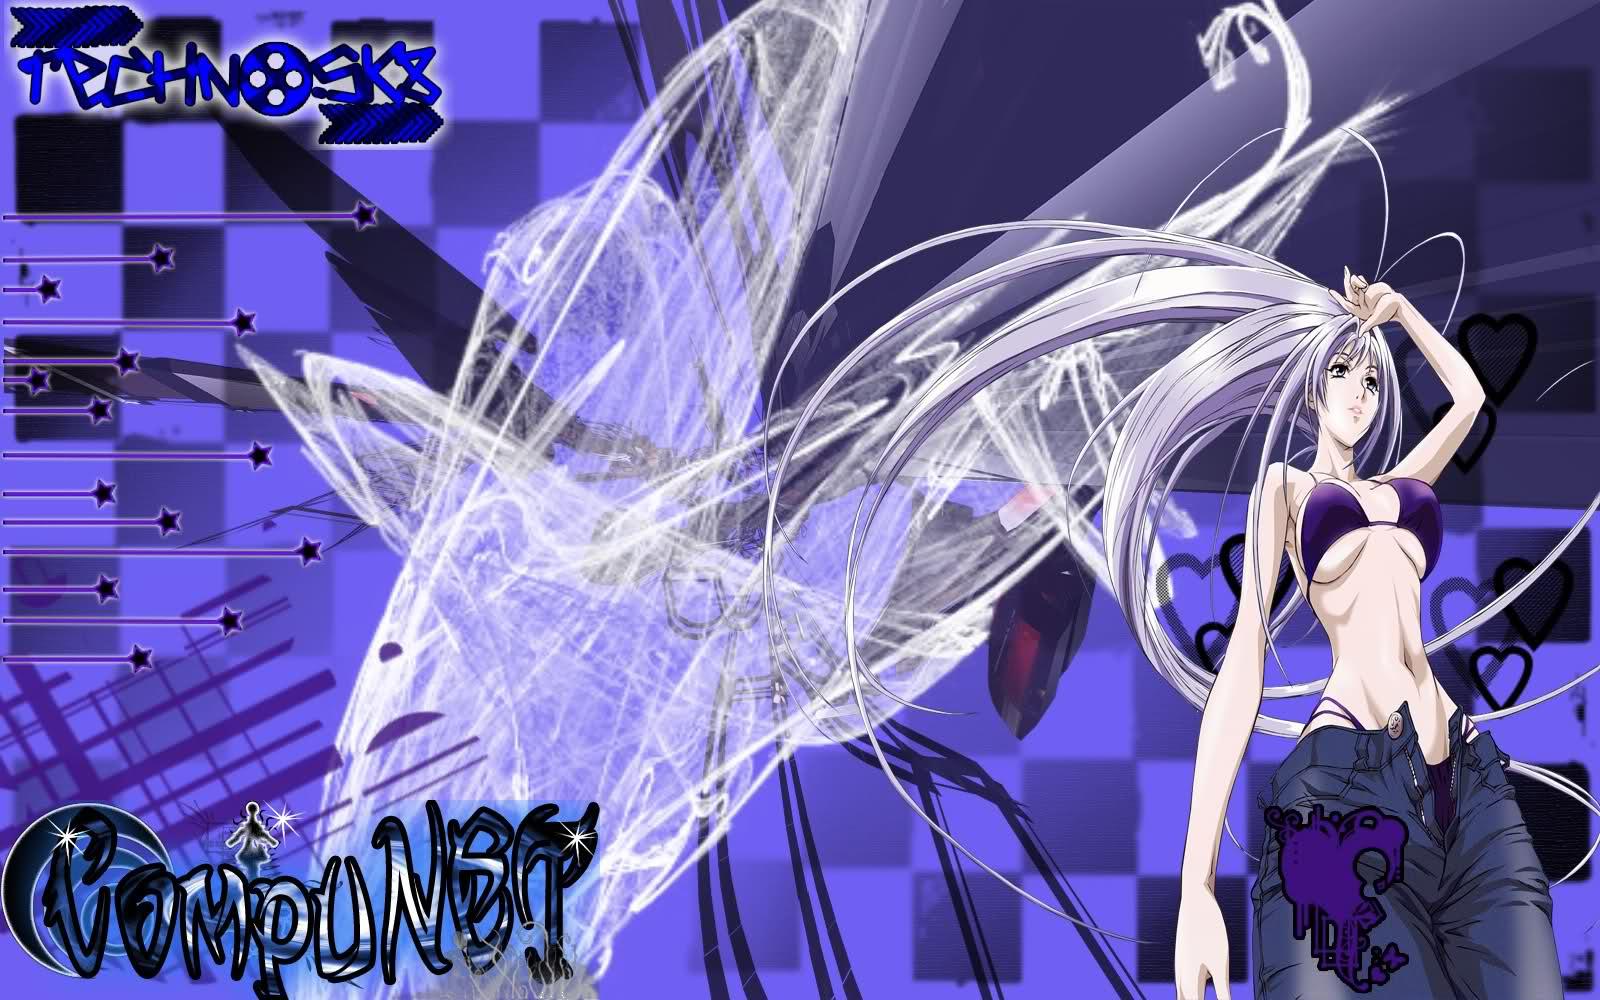 Anime Techno Girl